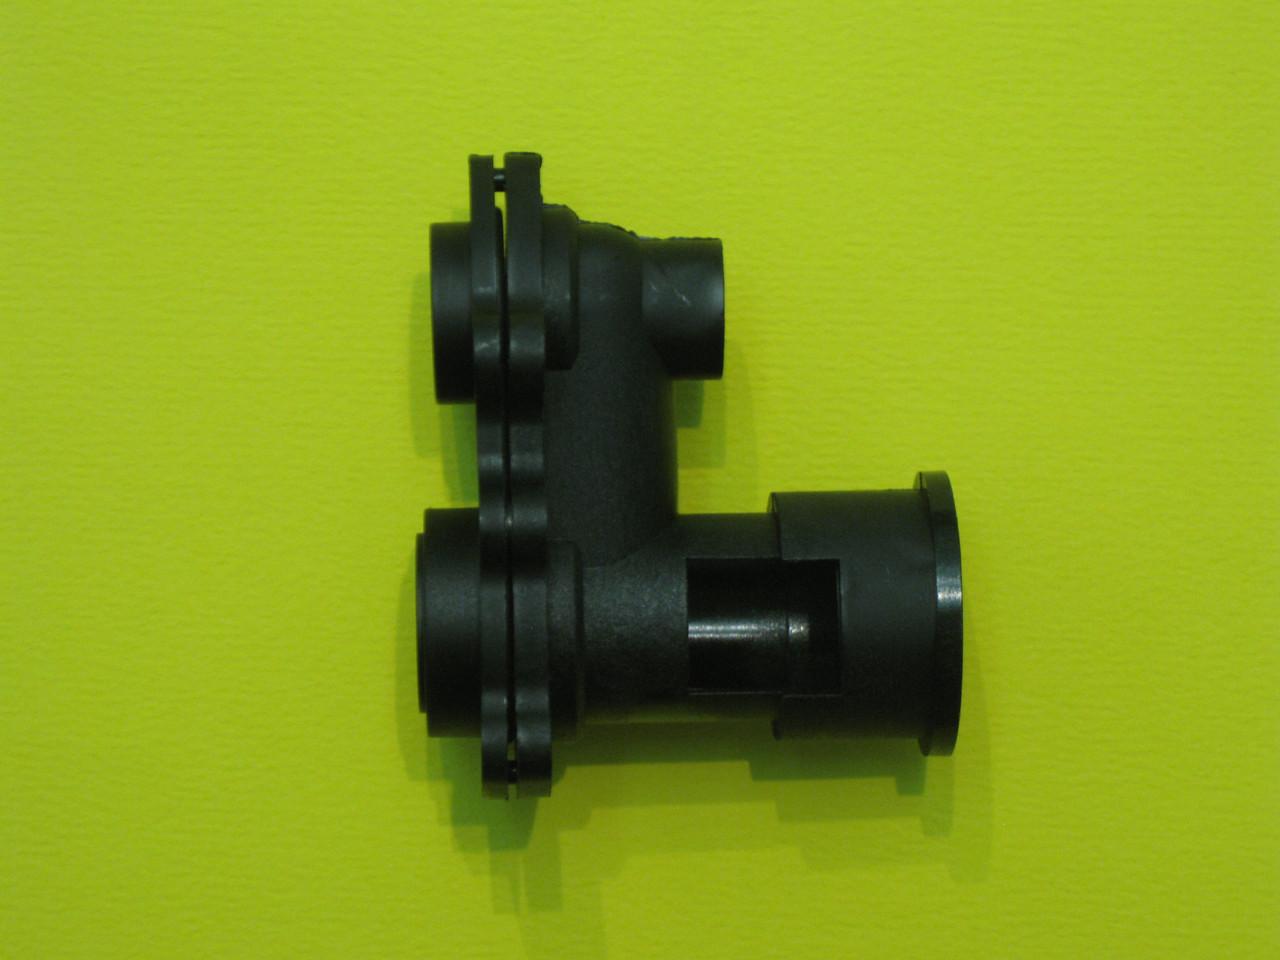 Передняя пластмассовая часть гидроблока 3003201629 (D003201629) Demrad Kalisto Mono HK / BK D, Nitron HK /BK F, фото 2